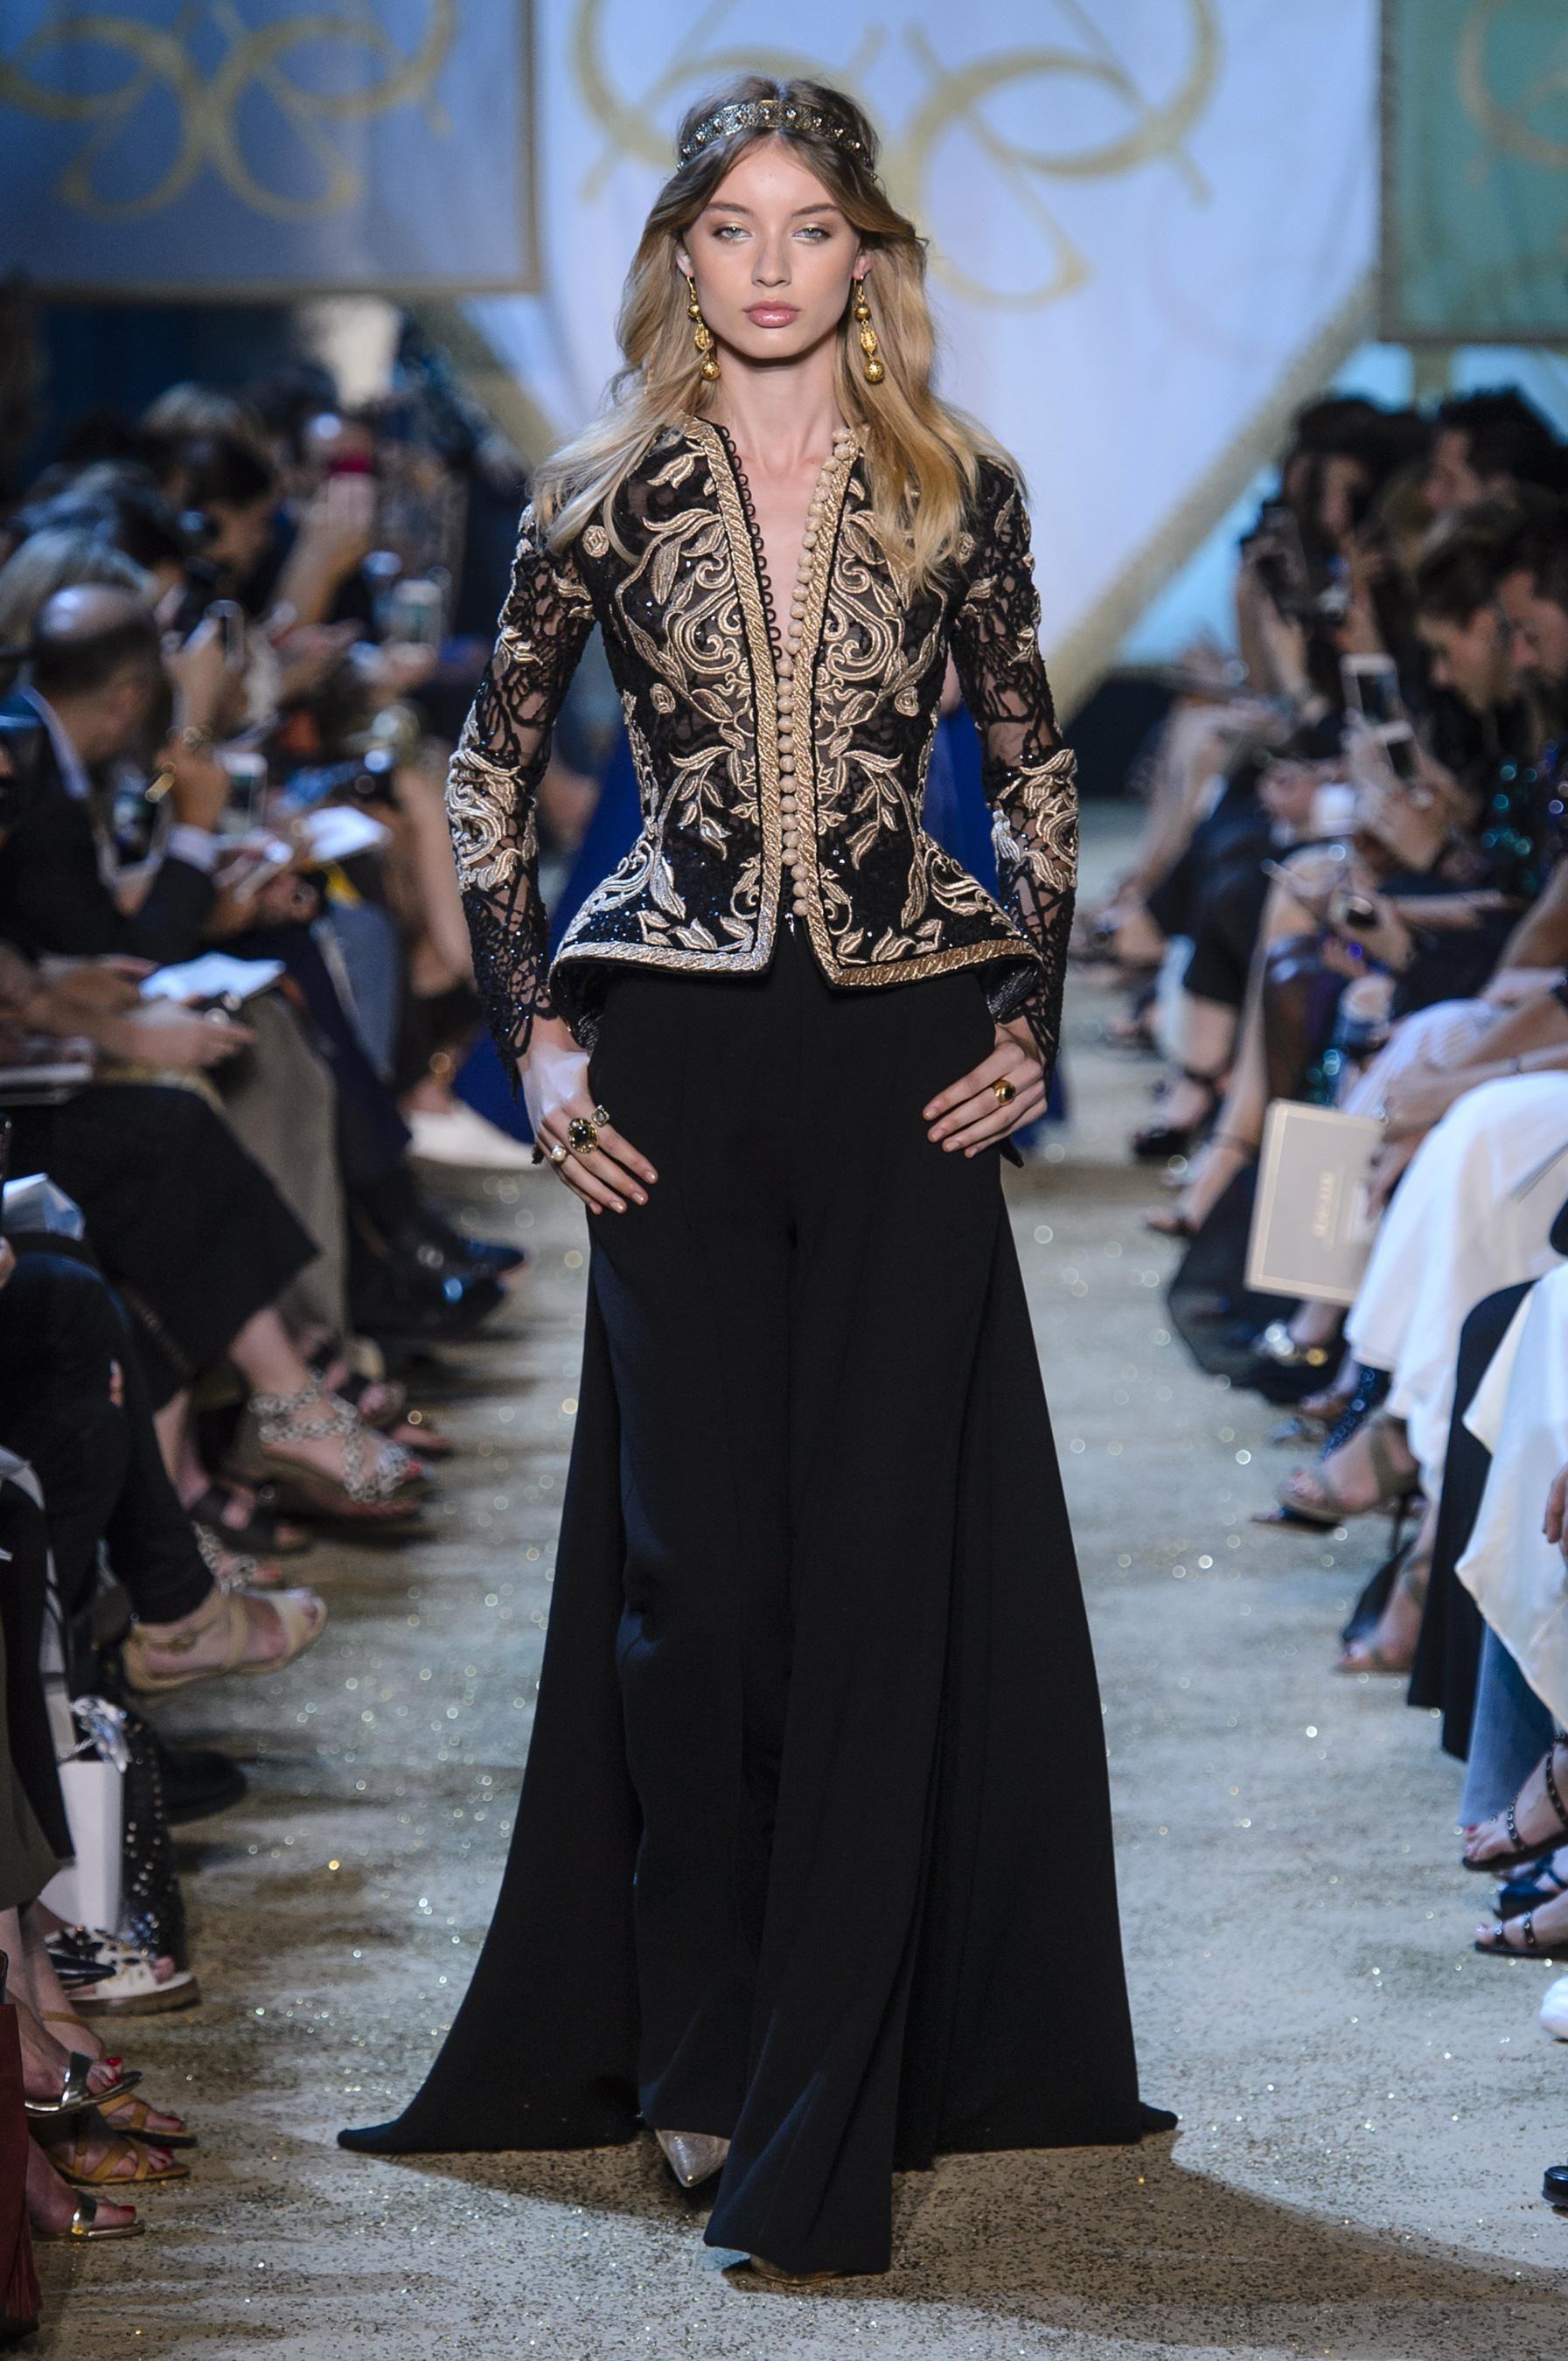 Défilé Elie Saab Automne-hiver 2017-2018 Couture